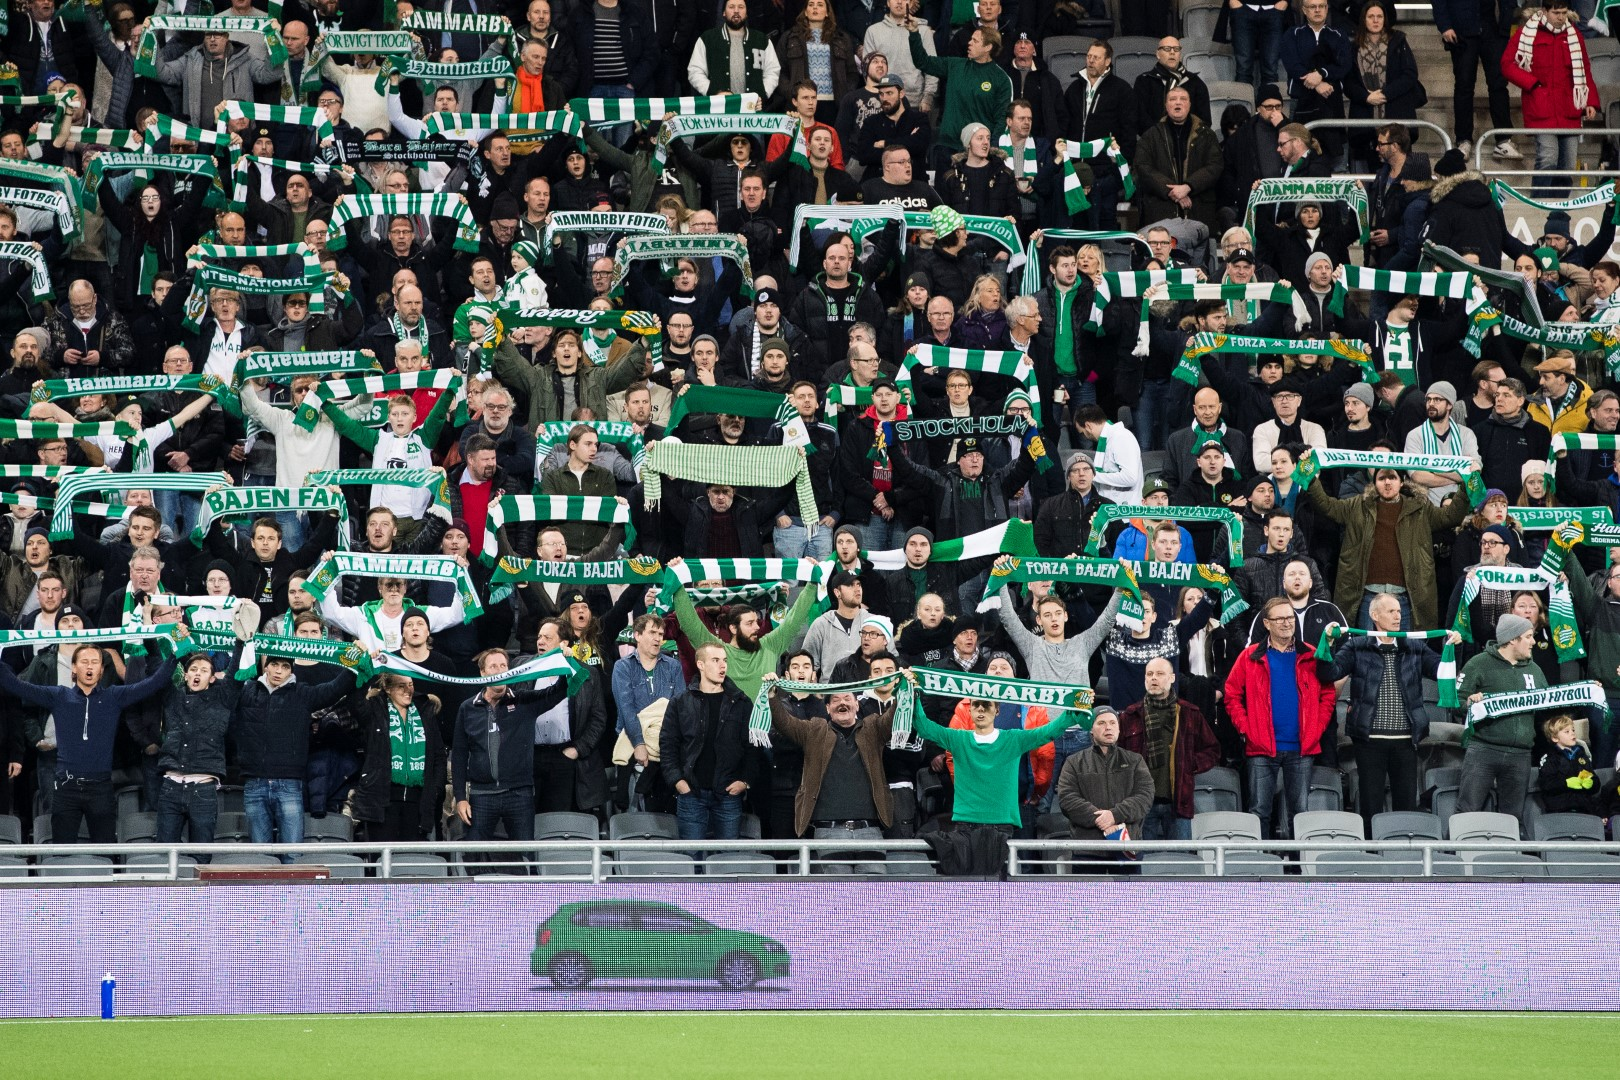 Fotboll, Träningsmatch, Hammarby - HJK Helsingfors